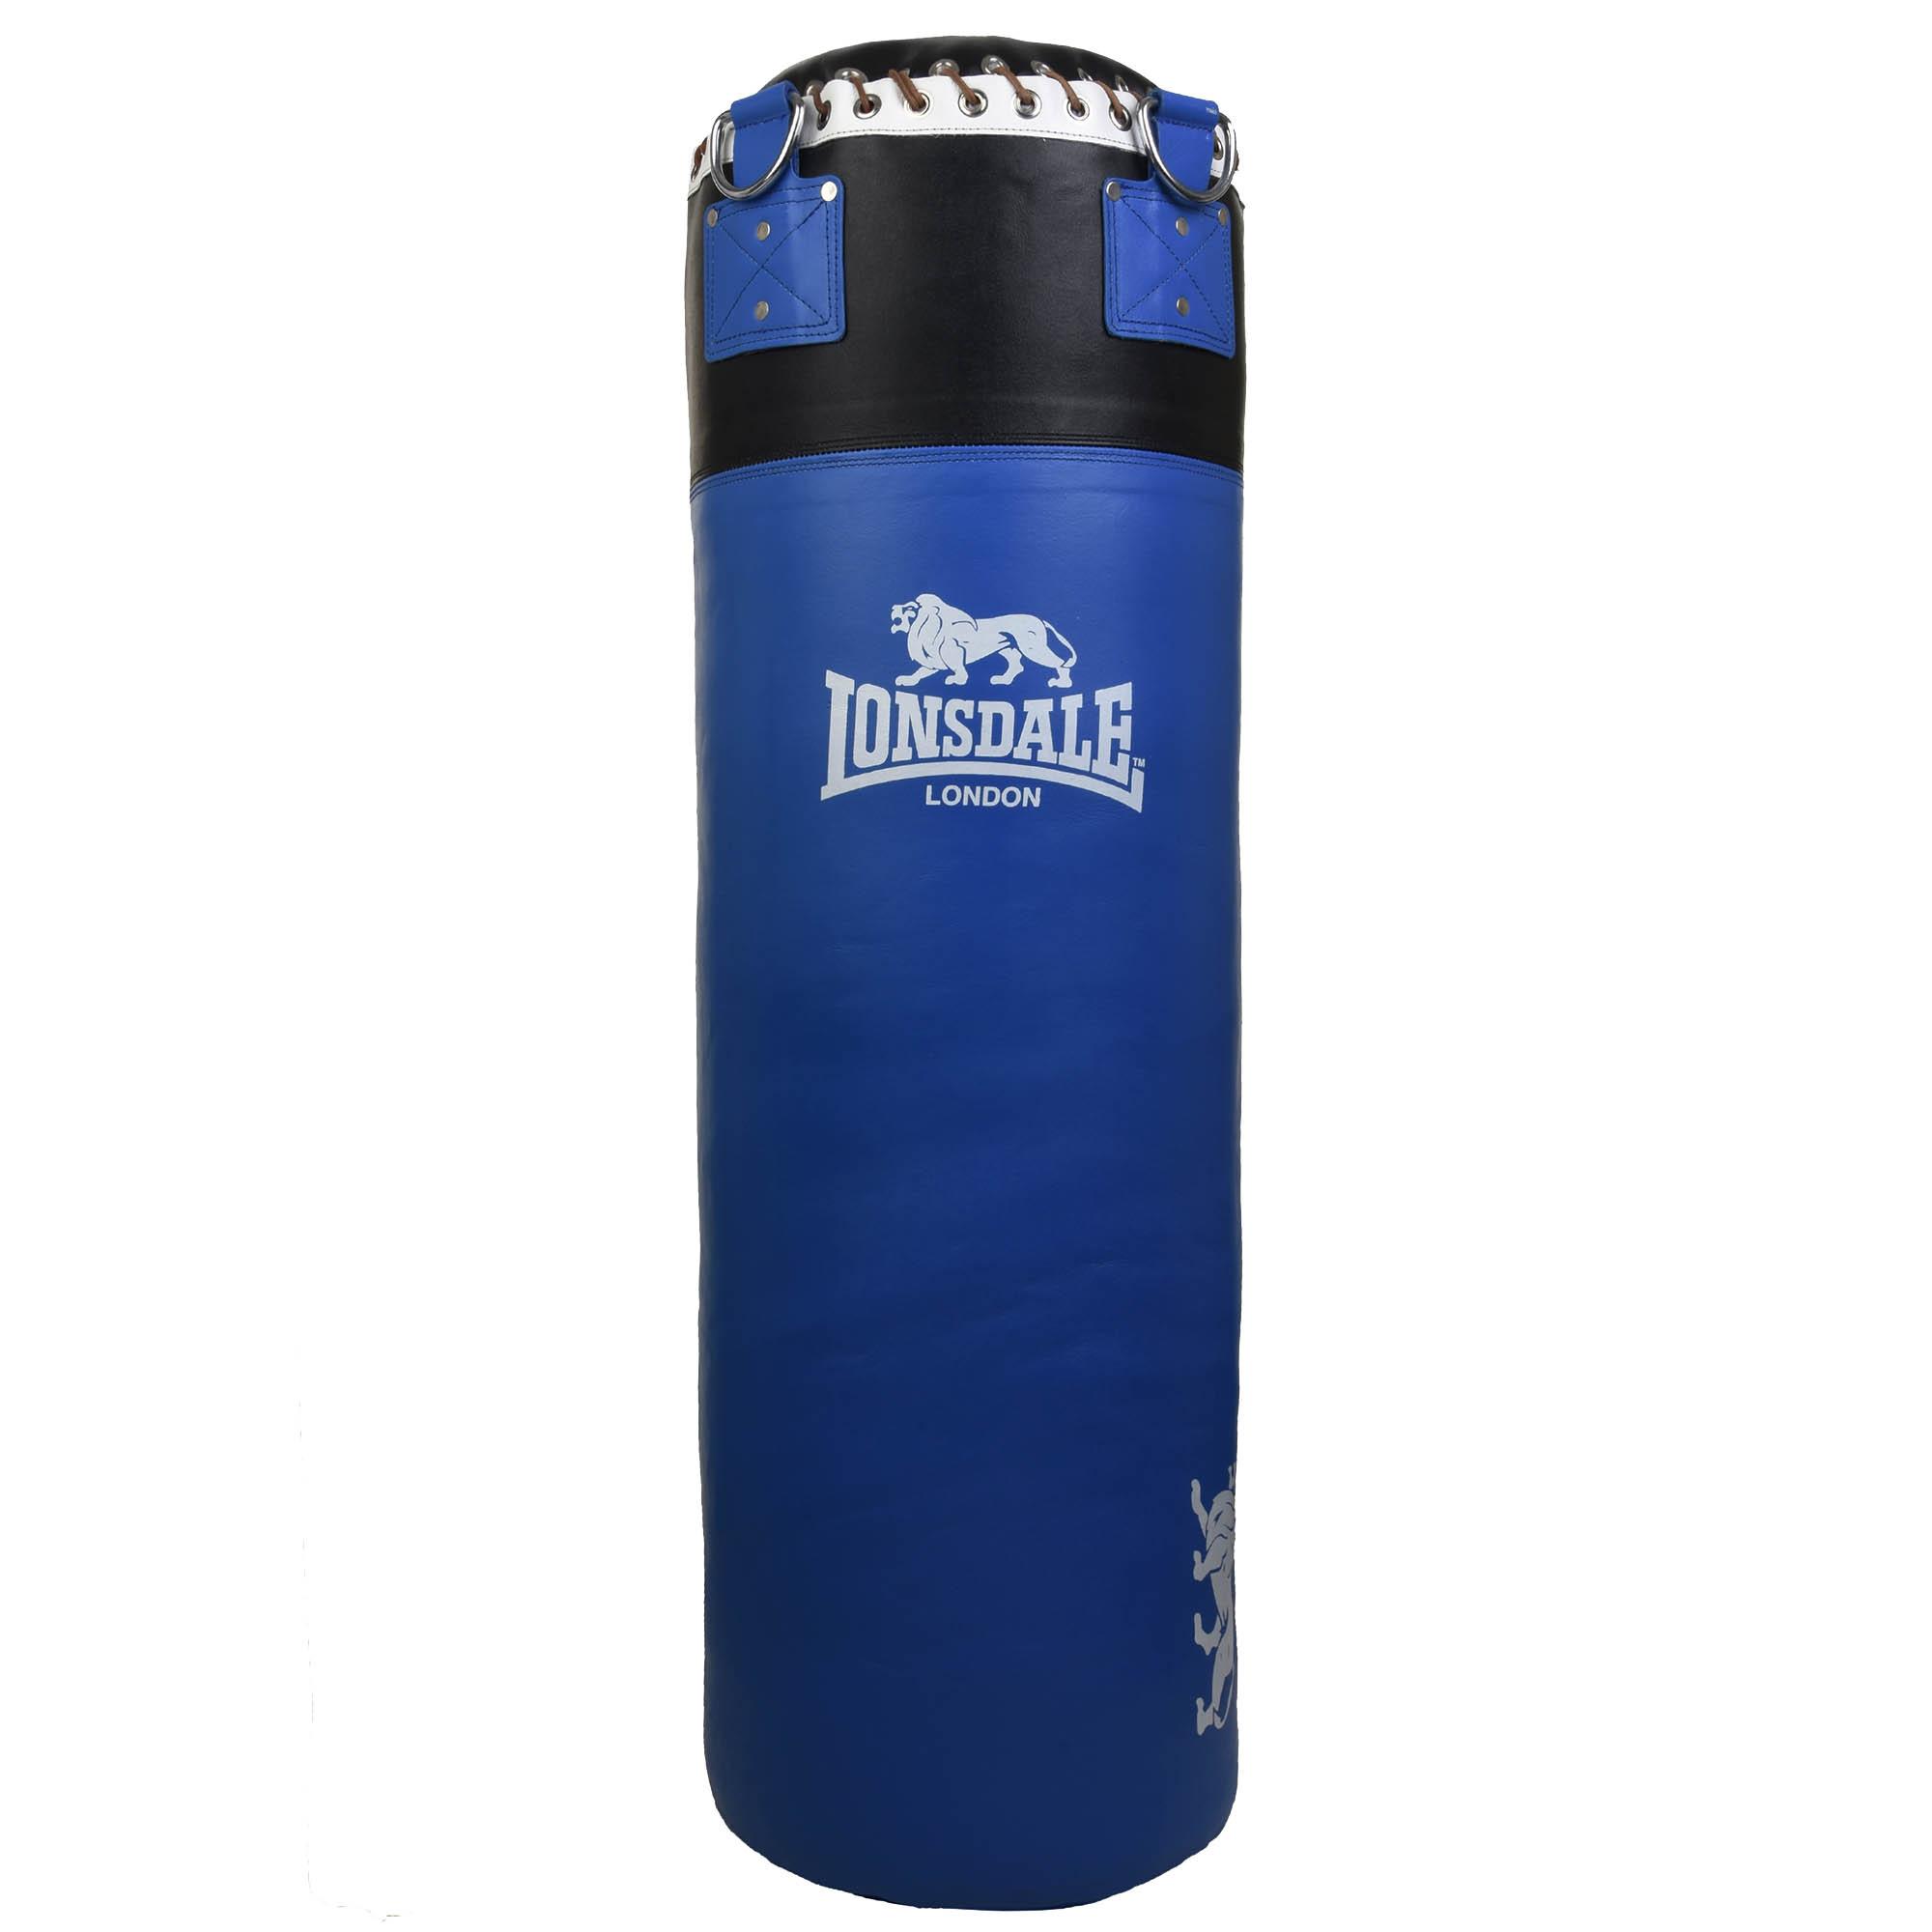 Lonsdale L60 3ft Leather Punch Bag – Blue/Black